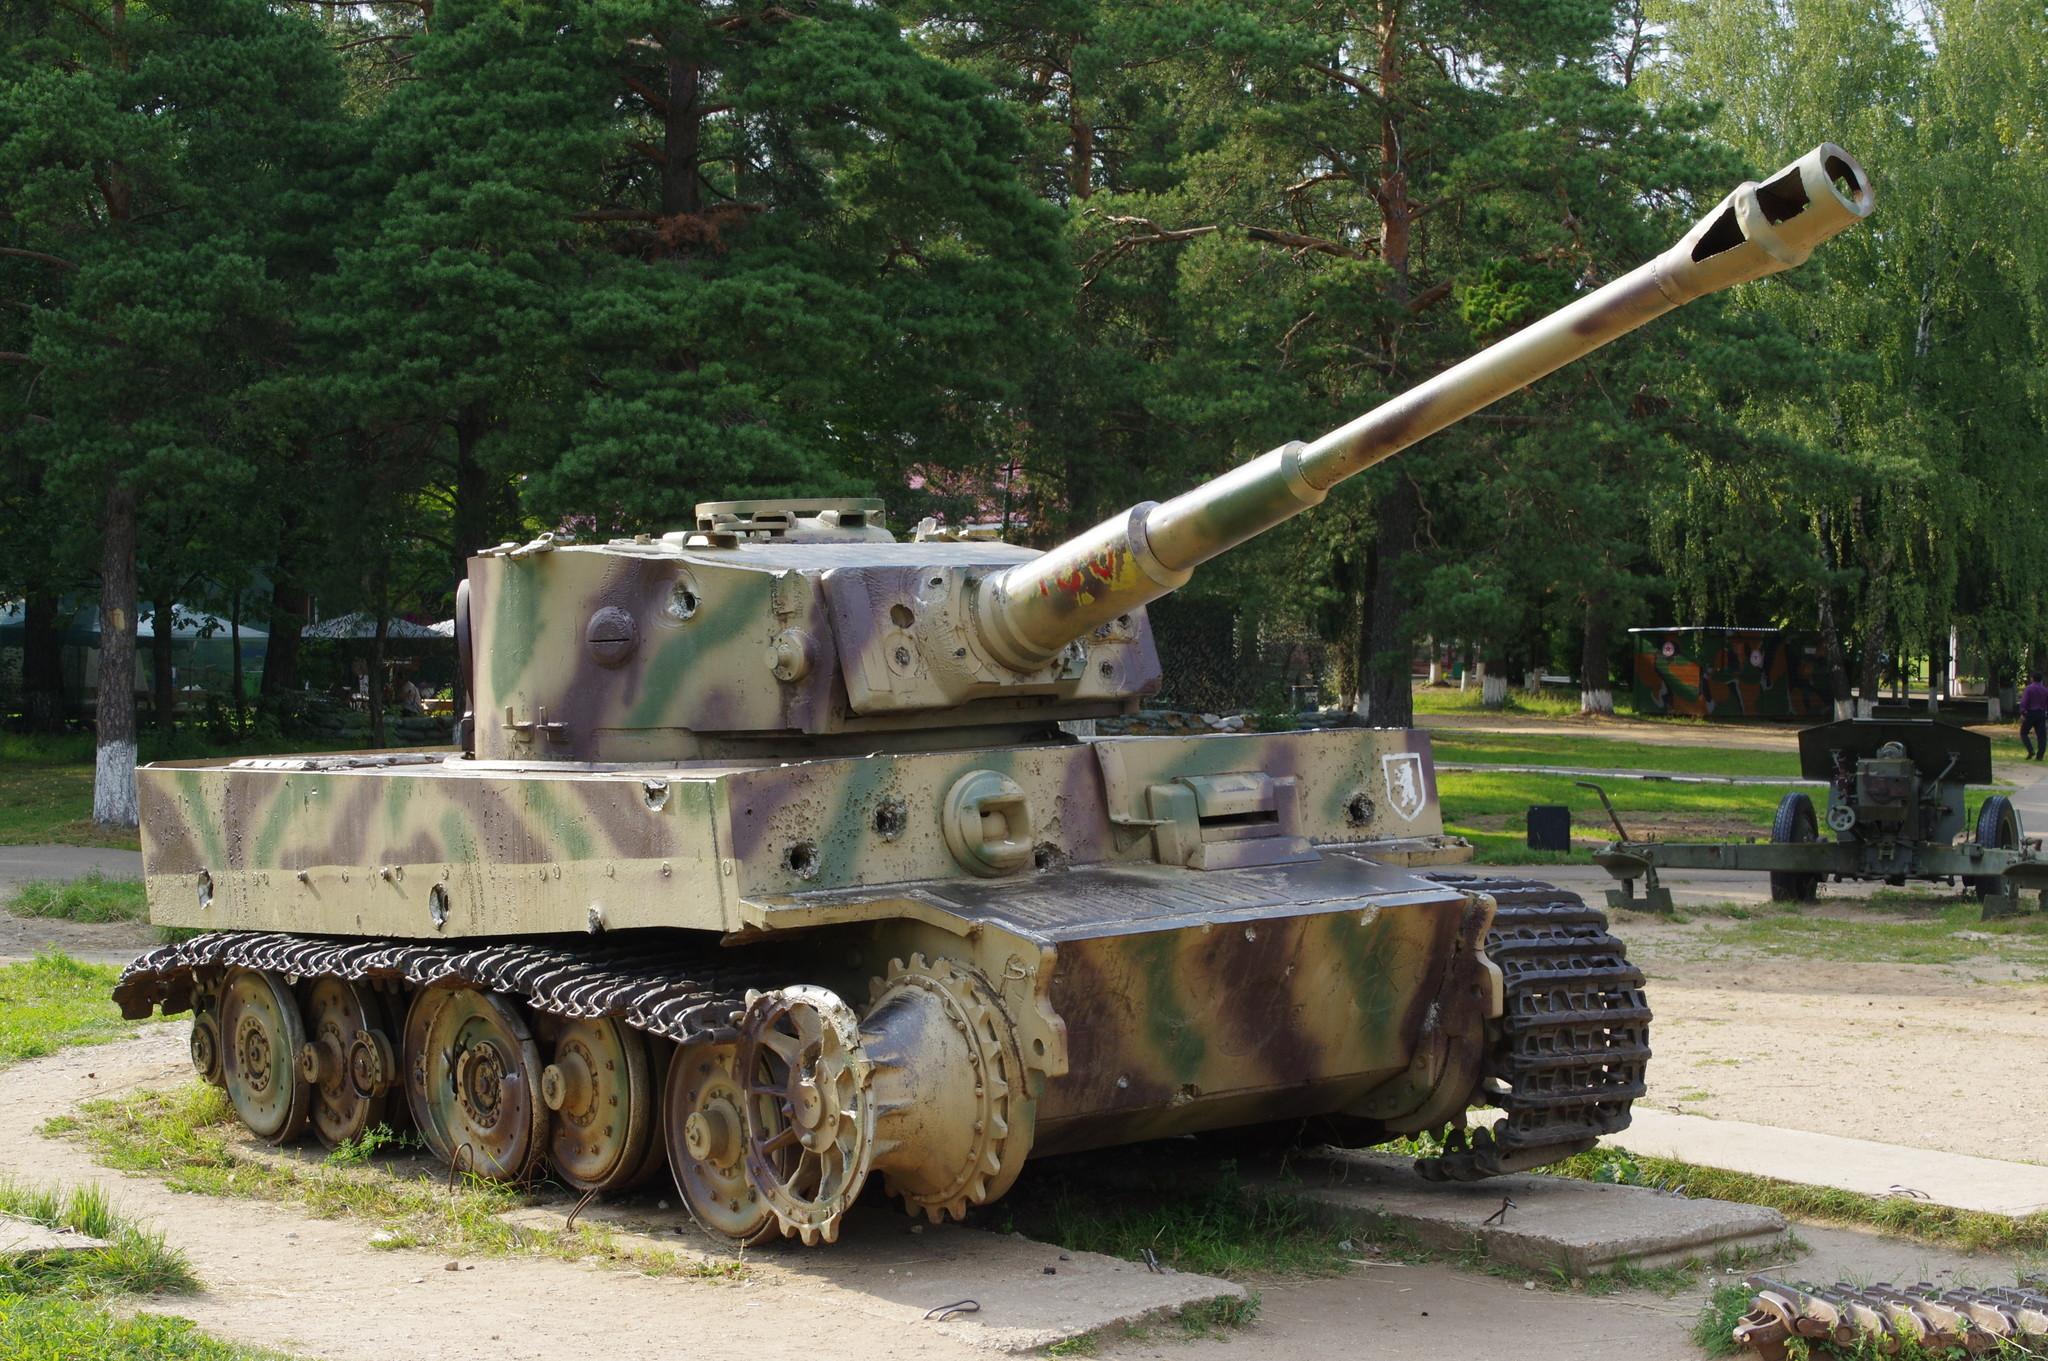 Тяжёлый танк Т-VI (Н1) «Тигр» 1942 г. (Ленино-Снегирёвский военно-исторический музей)